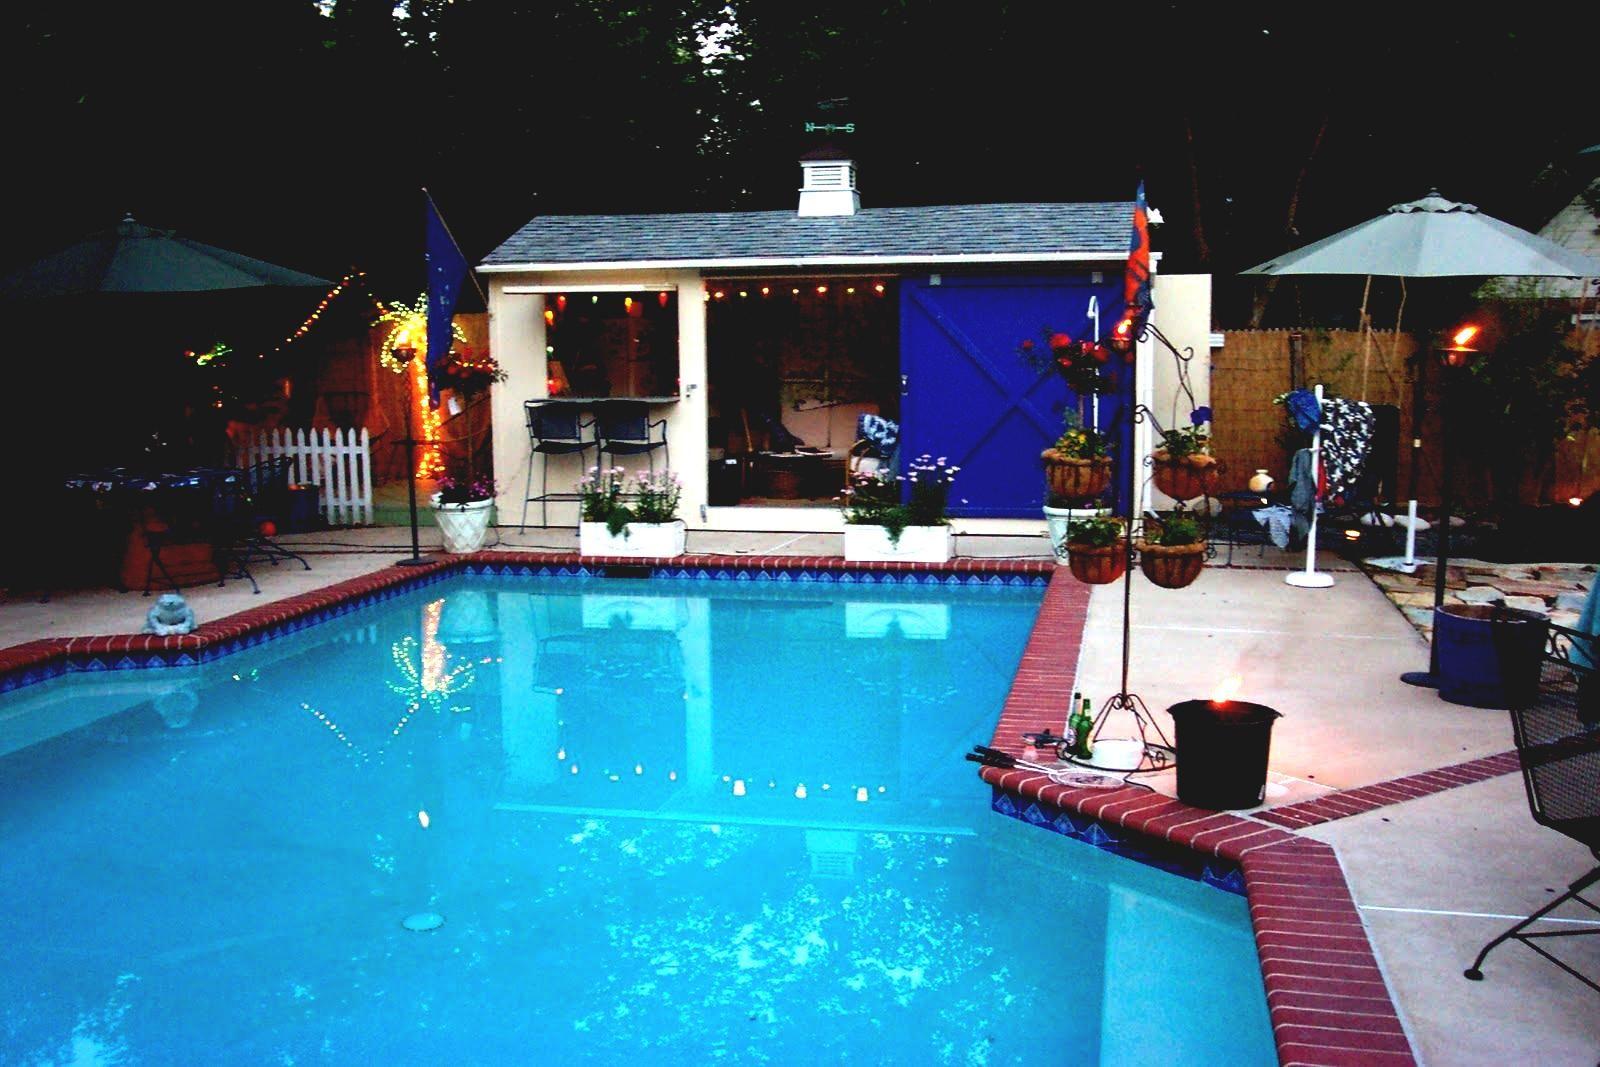 L geformte badezimmer umgestalten ideen beste tolles foto von pool landschaftsbau ideen gartendeko